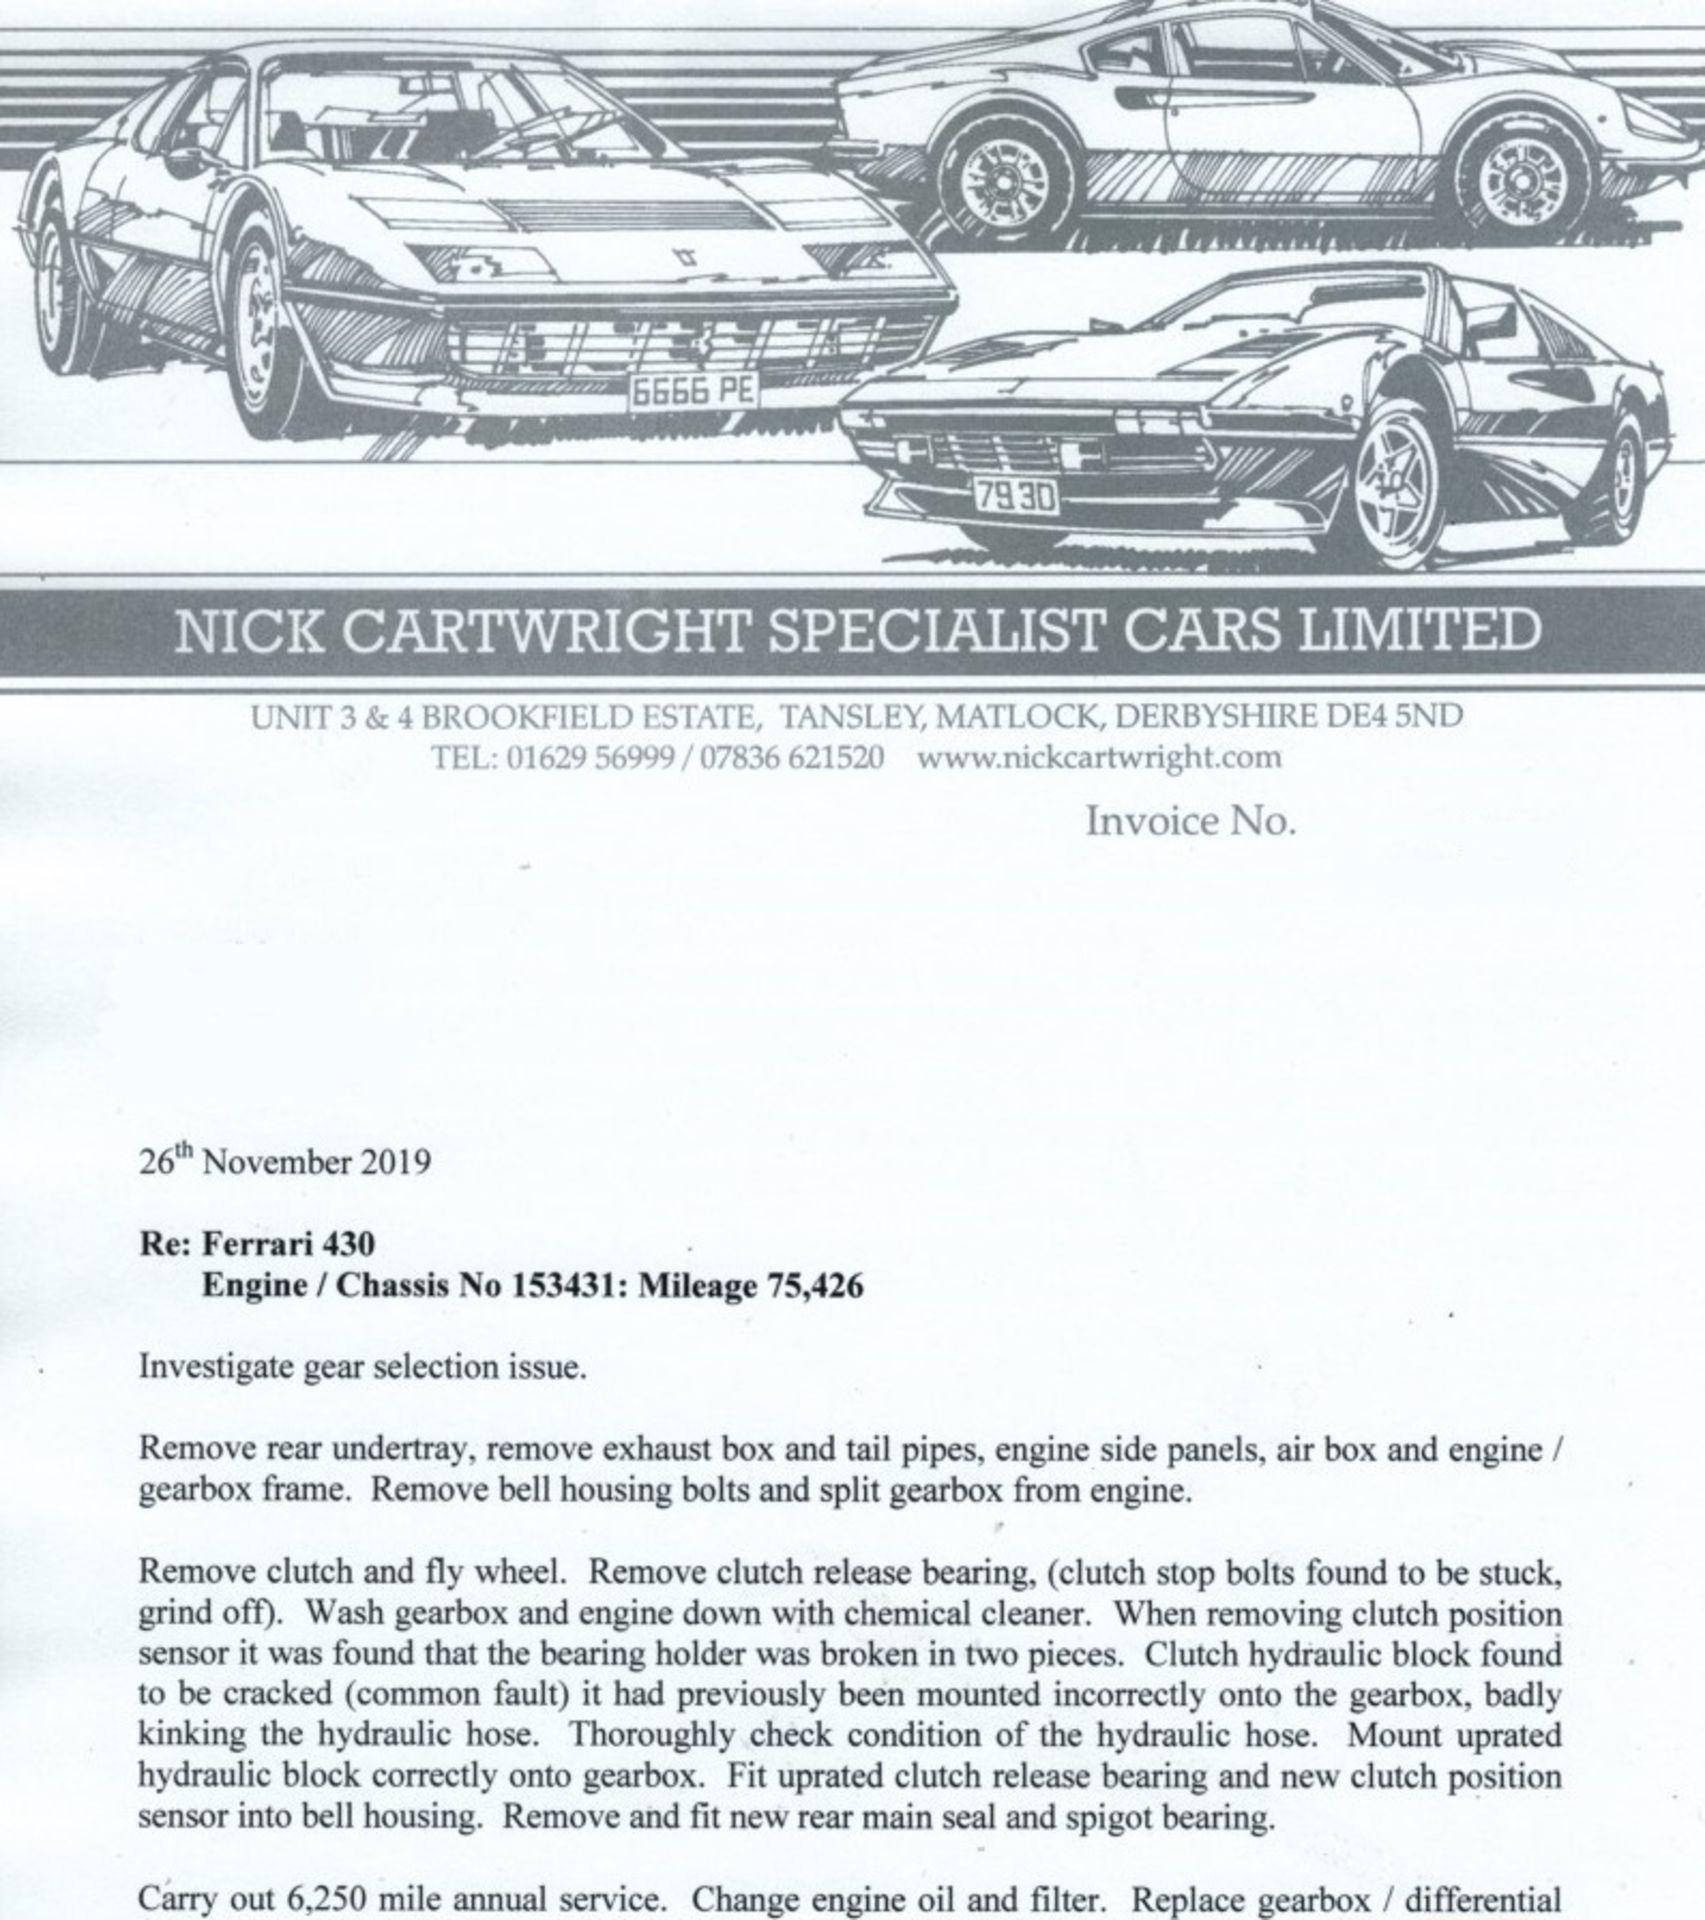 Lot 5 - 2007/56 Reg Left Hand Drive Ferrari F430 Coupe 4.3L V8 in Nero Daytona *NO VAT*